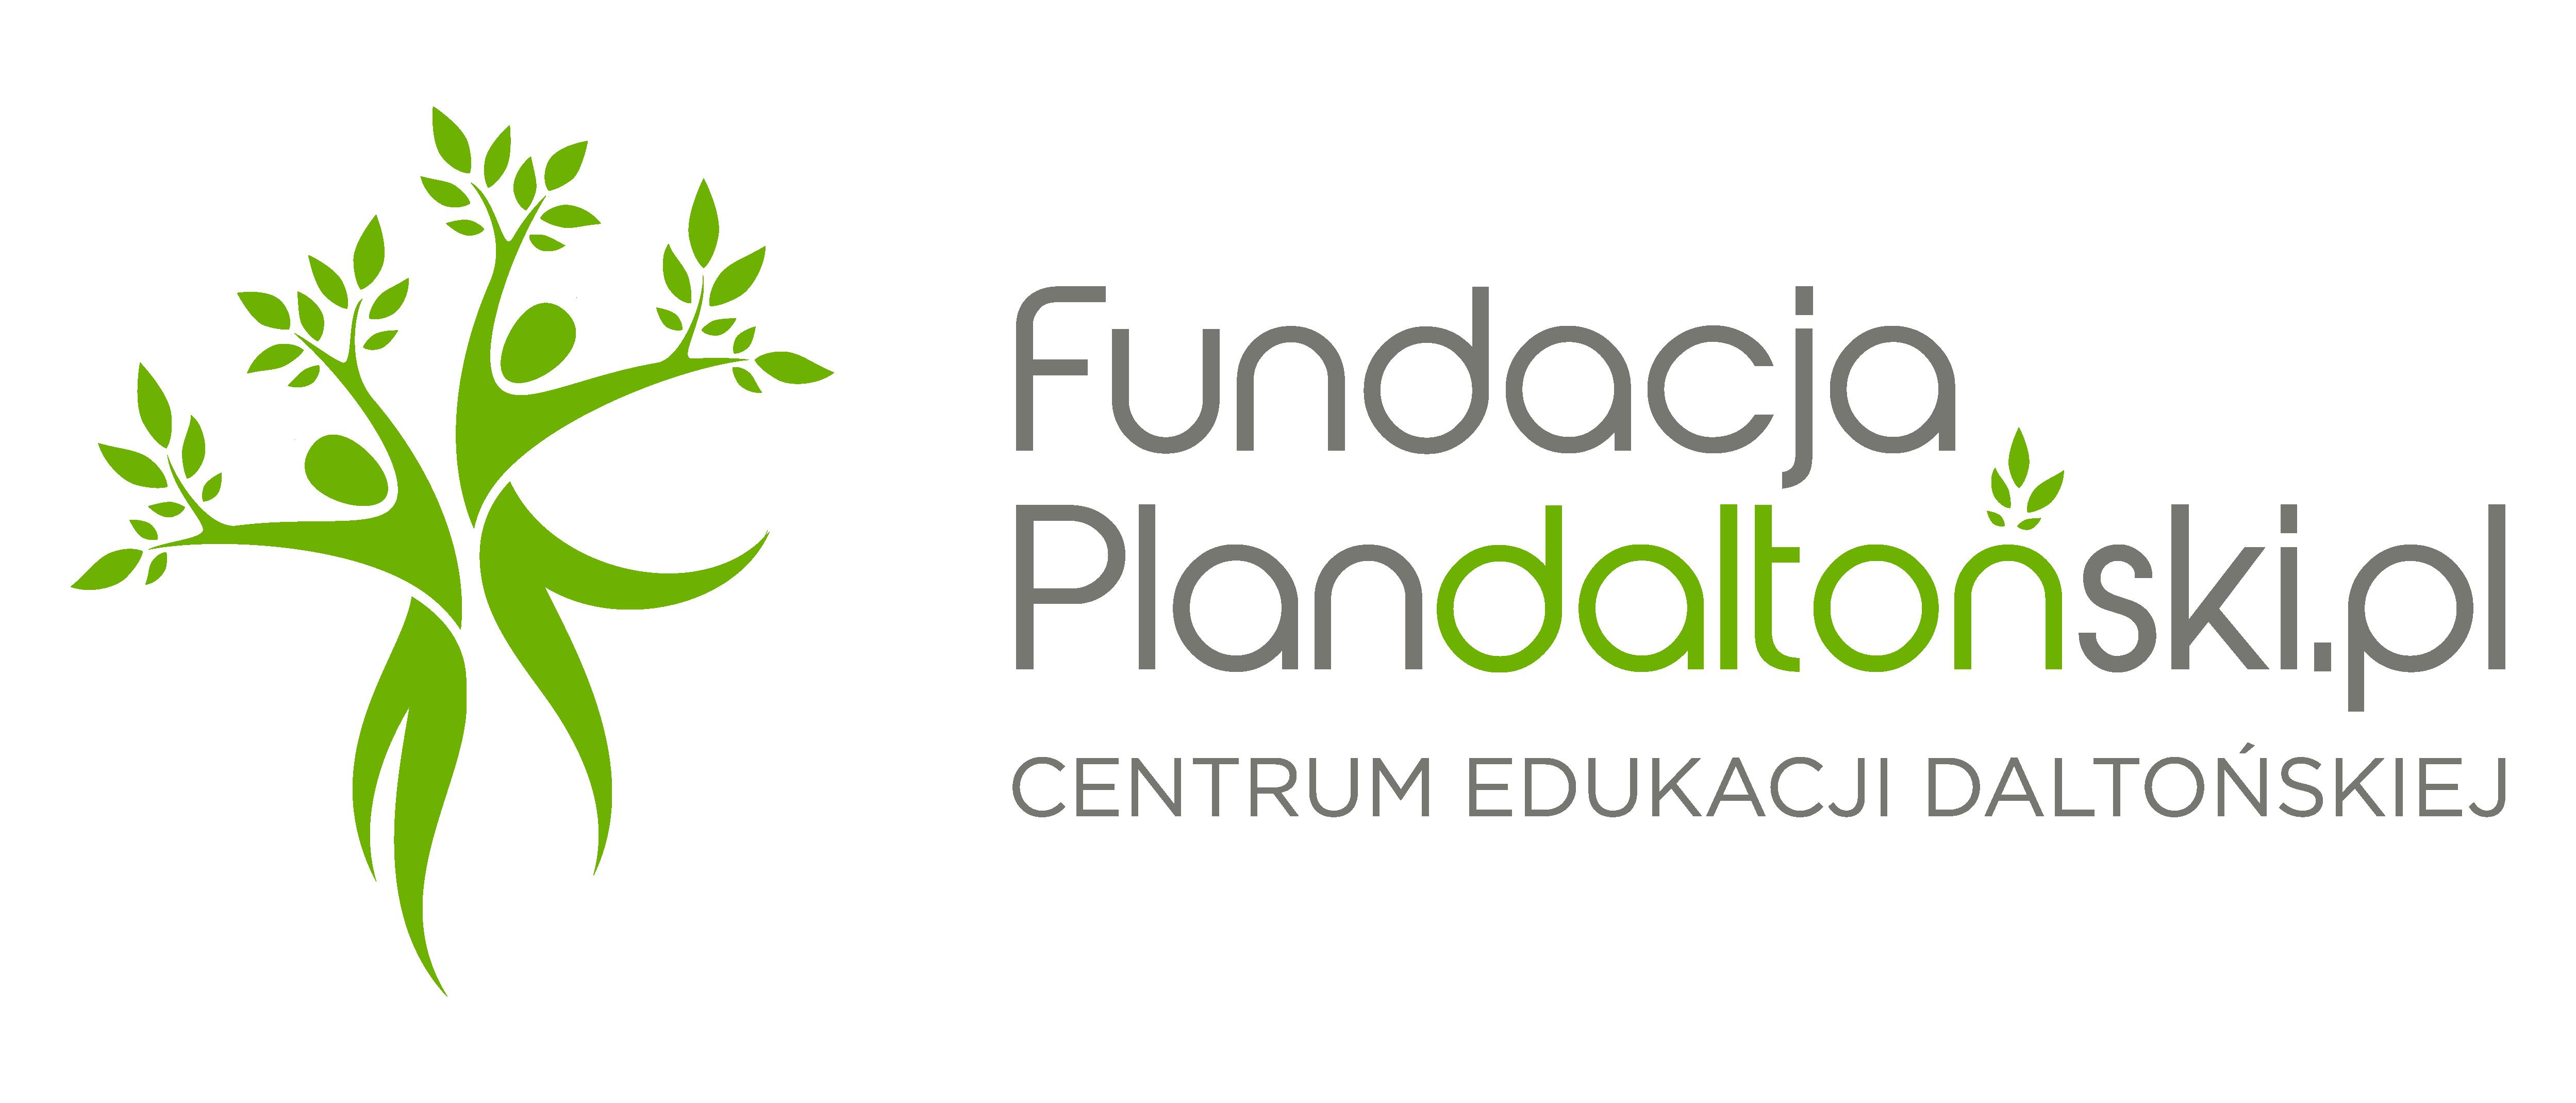 Fundacja Plan daltoński - uczymy jak wychować samodzielne dziecko.